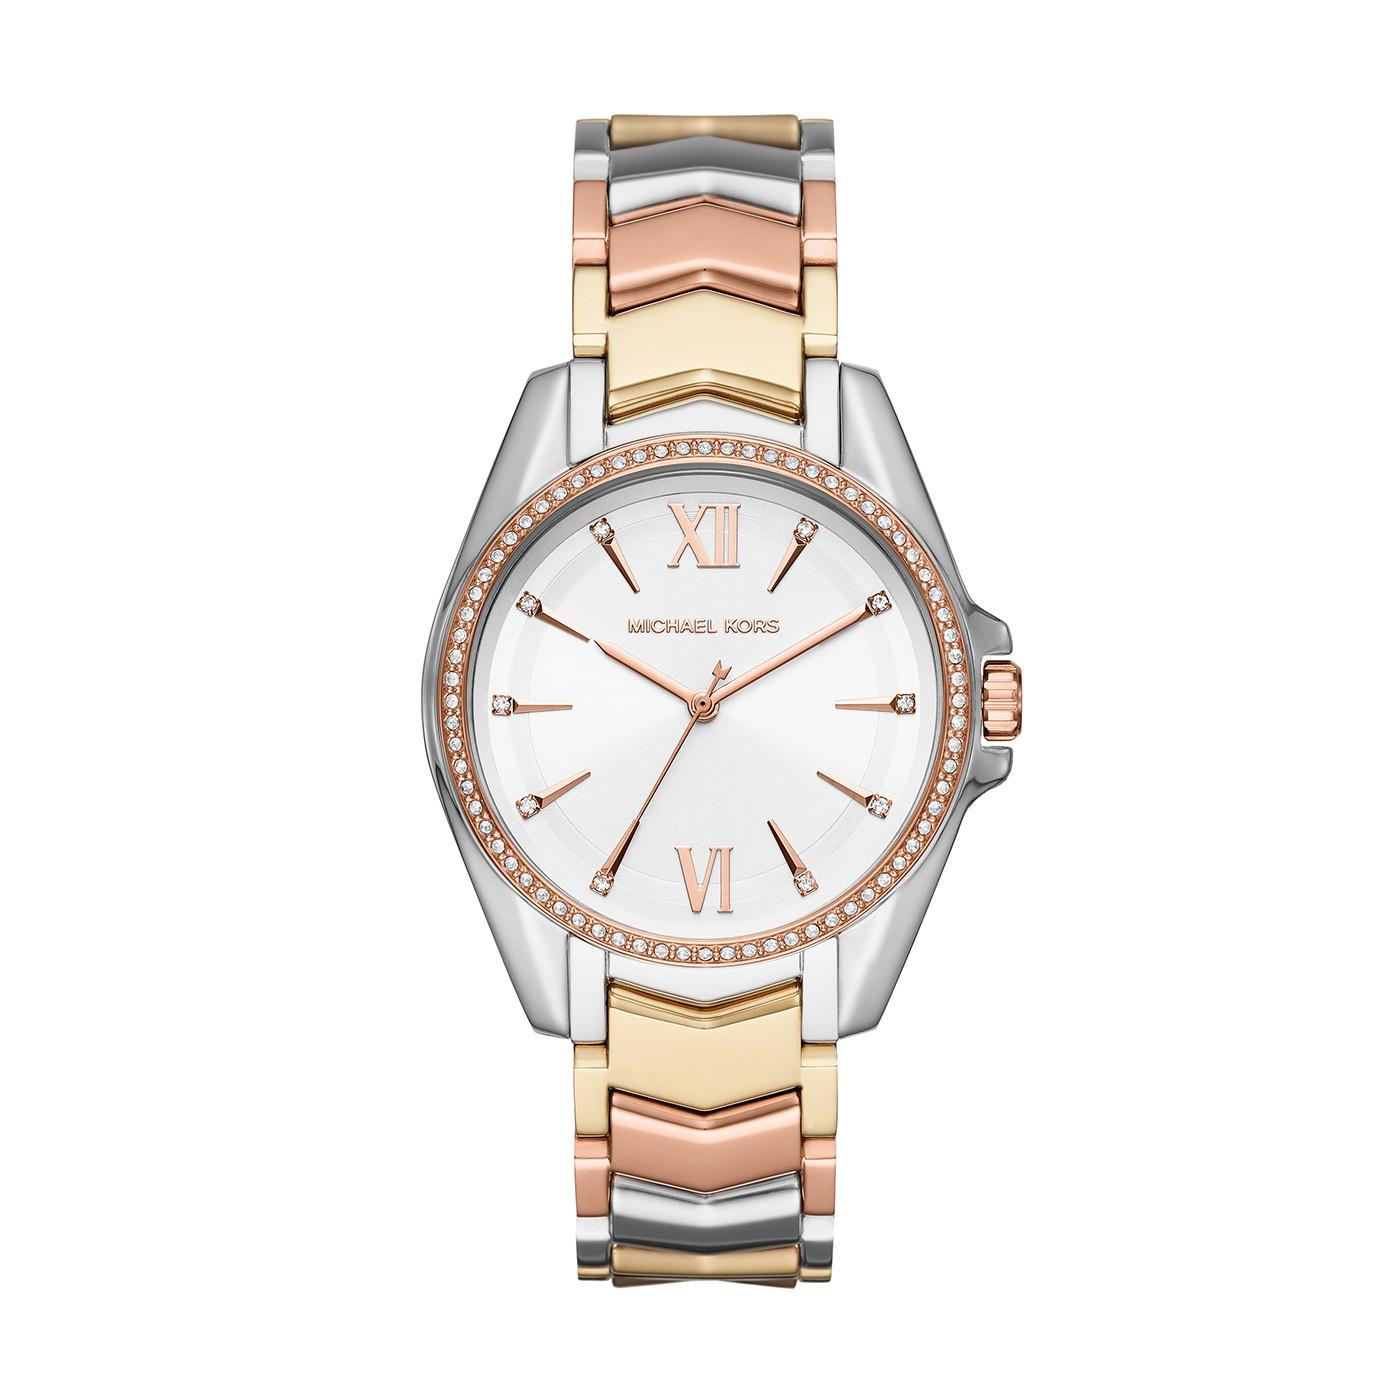 Michael Kors Whitney horloge MK6686